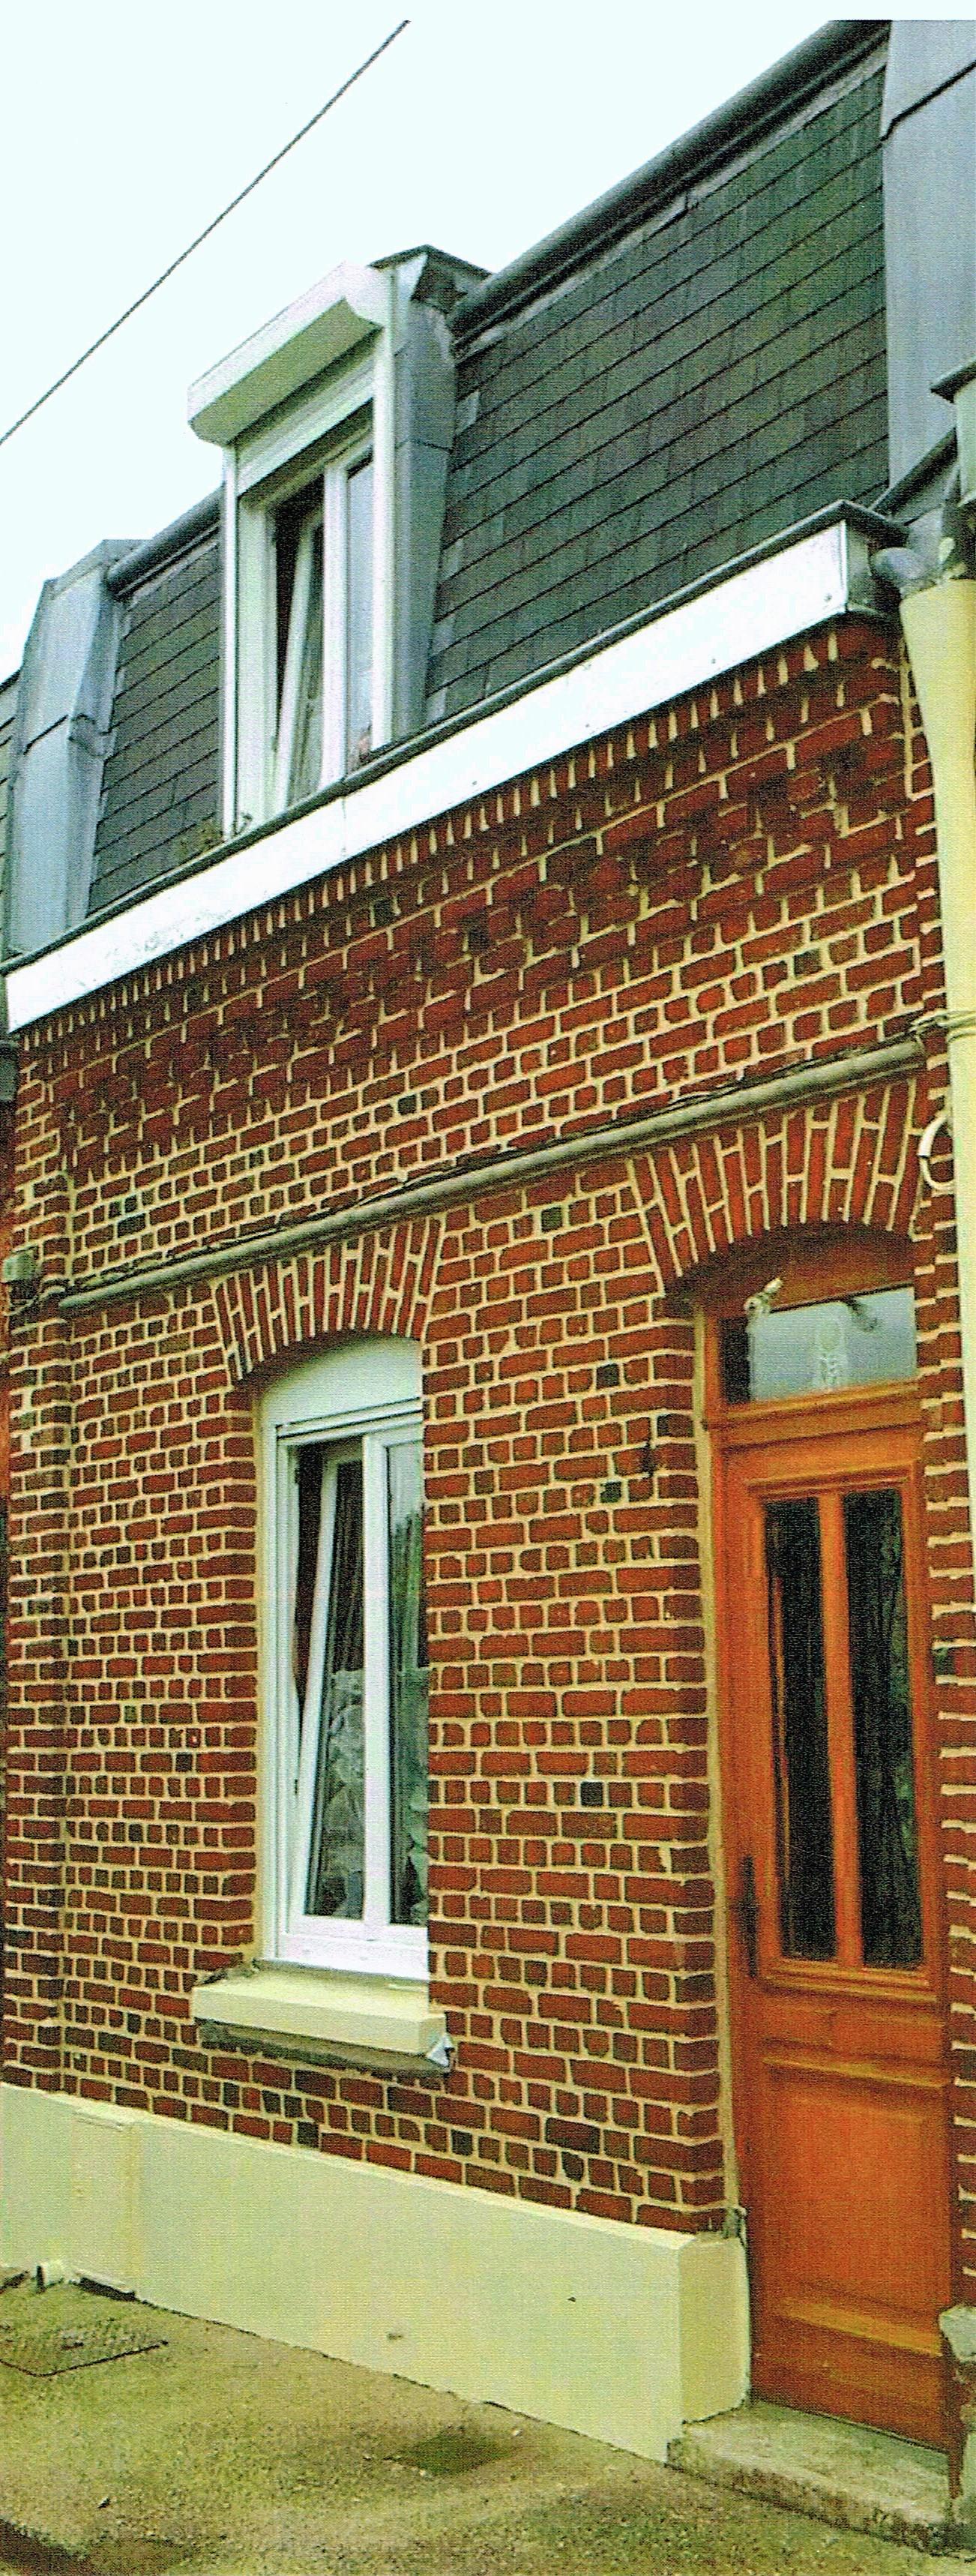 Maison briques joints ton pierre eco fa ade for Brique facade maison